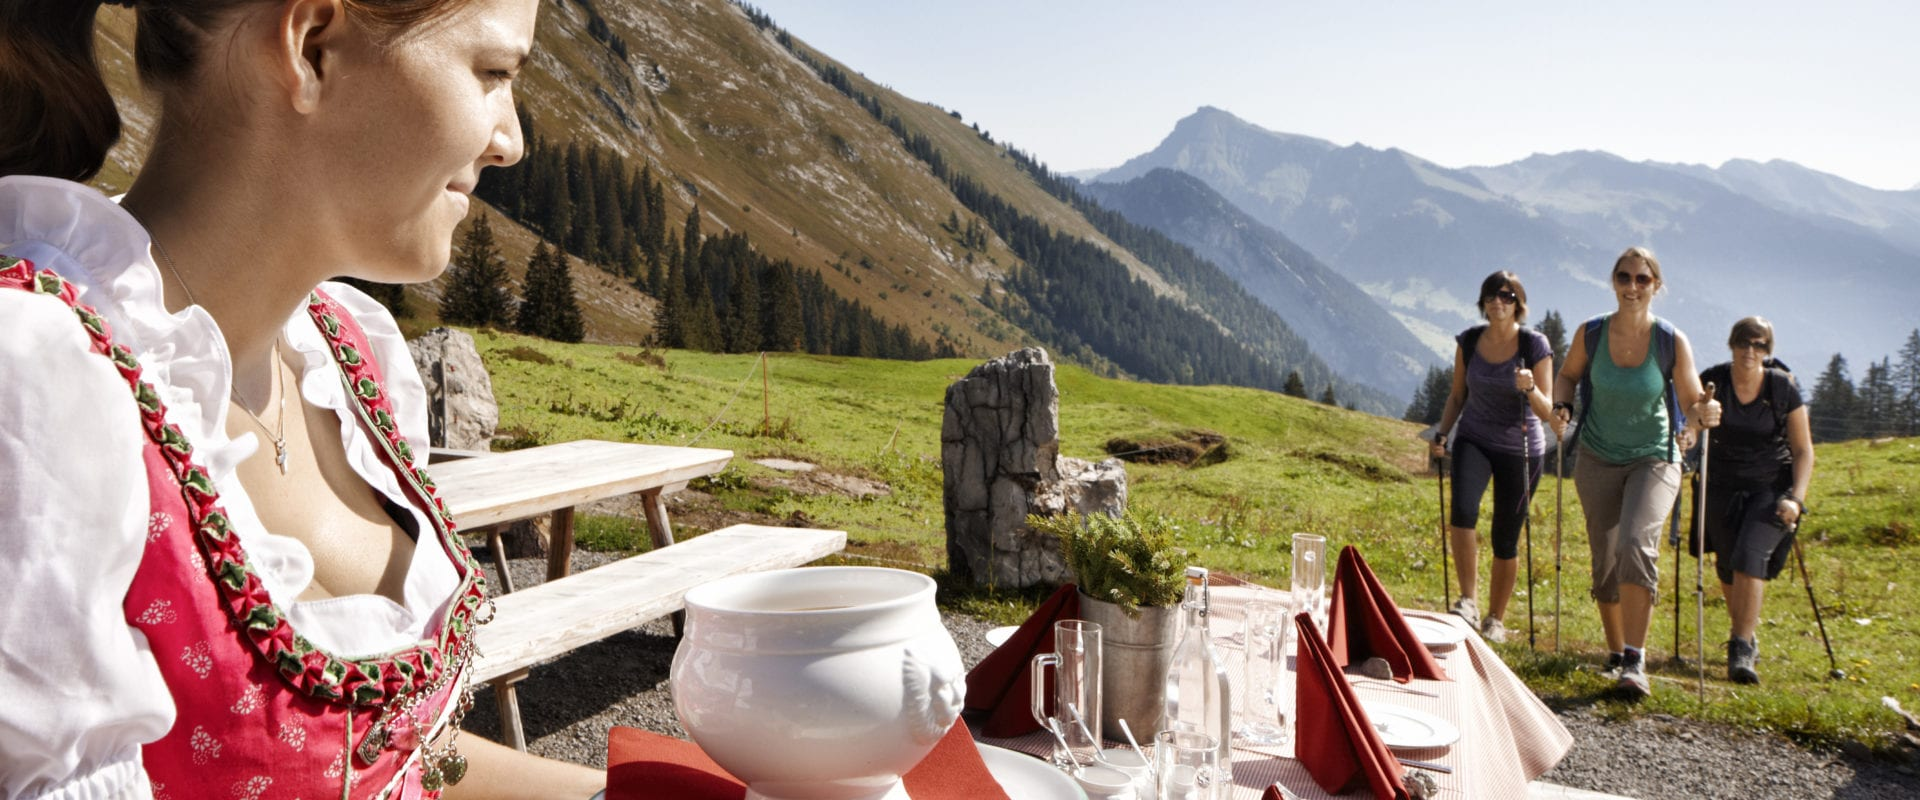 Culinary hike - Mellau